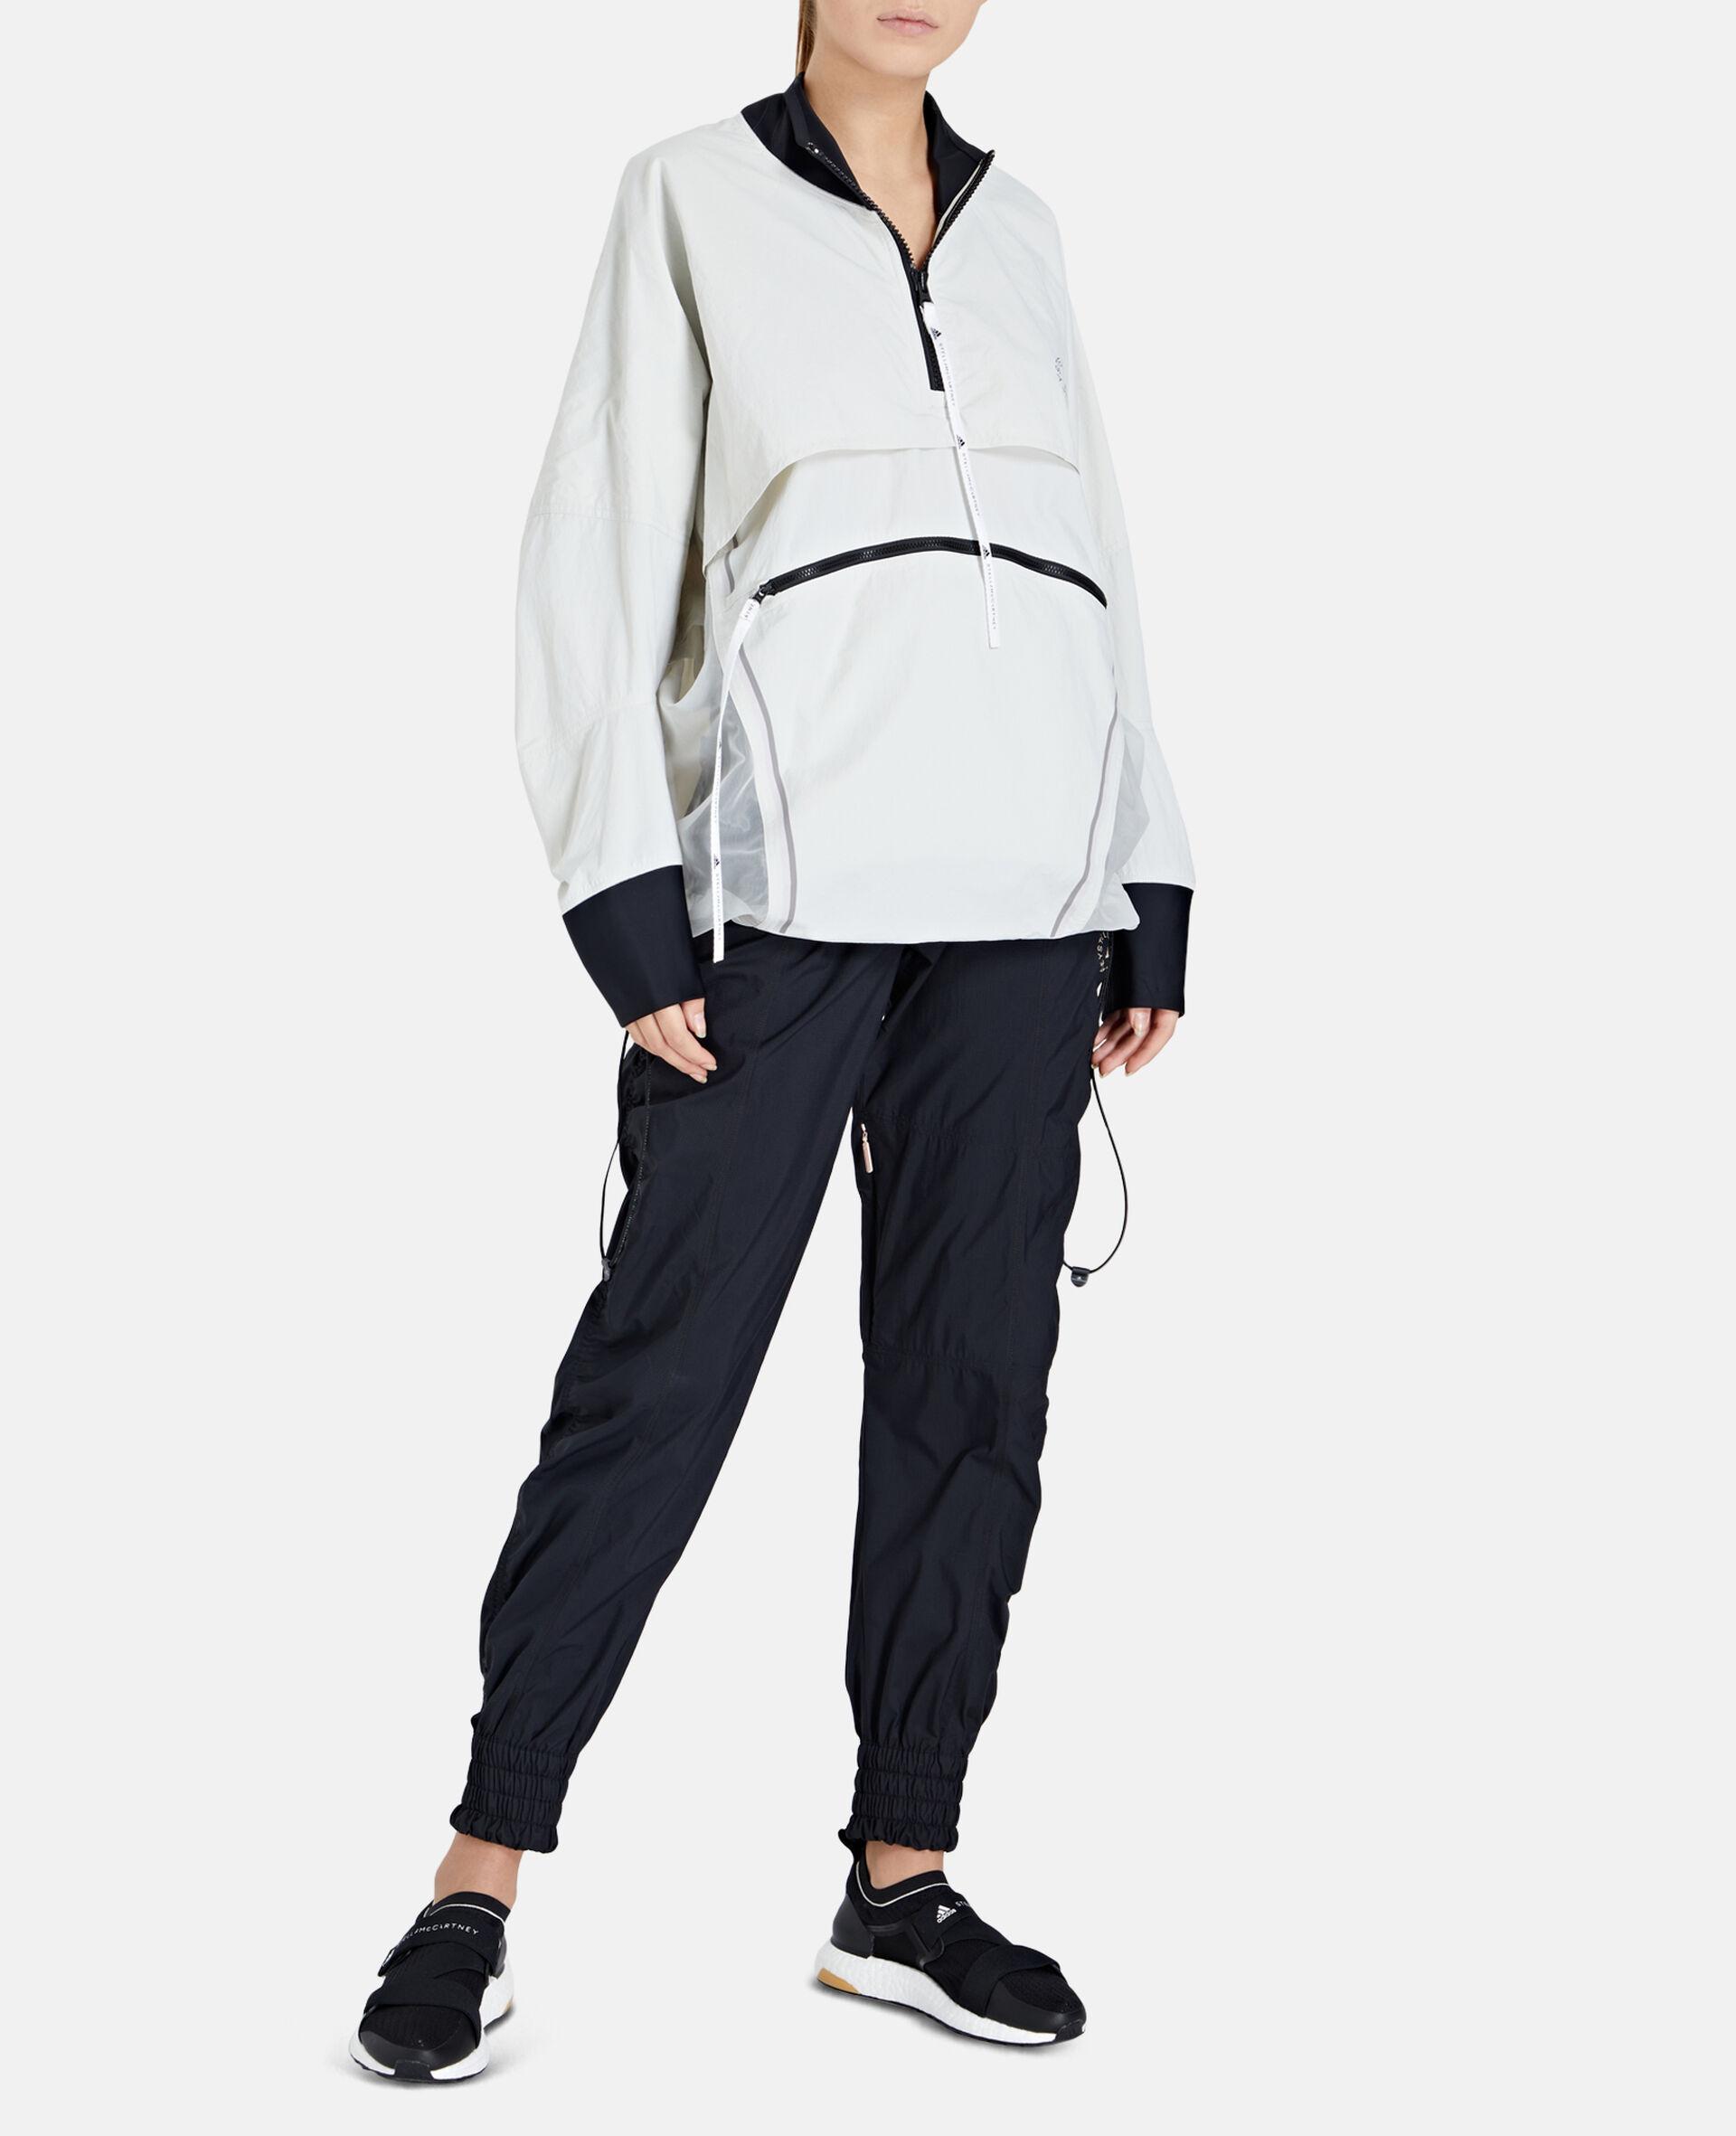 Beige Pull-On Jacket-Beige-large image number 1